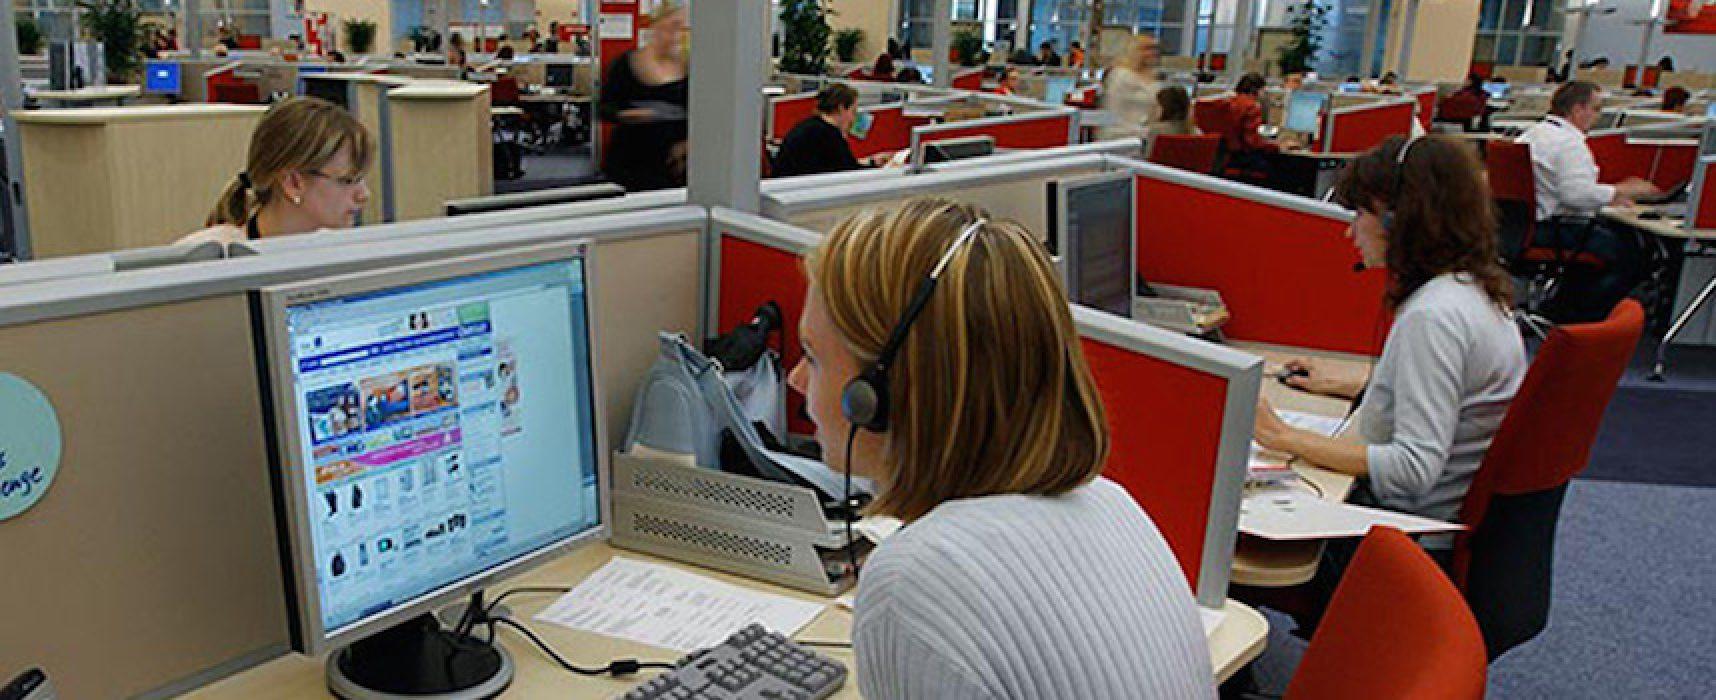 Call center Acta srl diserta tavolo con task force occupazione, la Cgil non ci sta